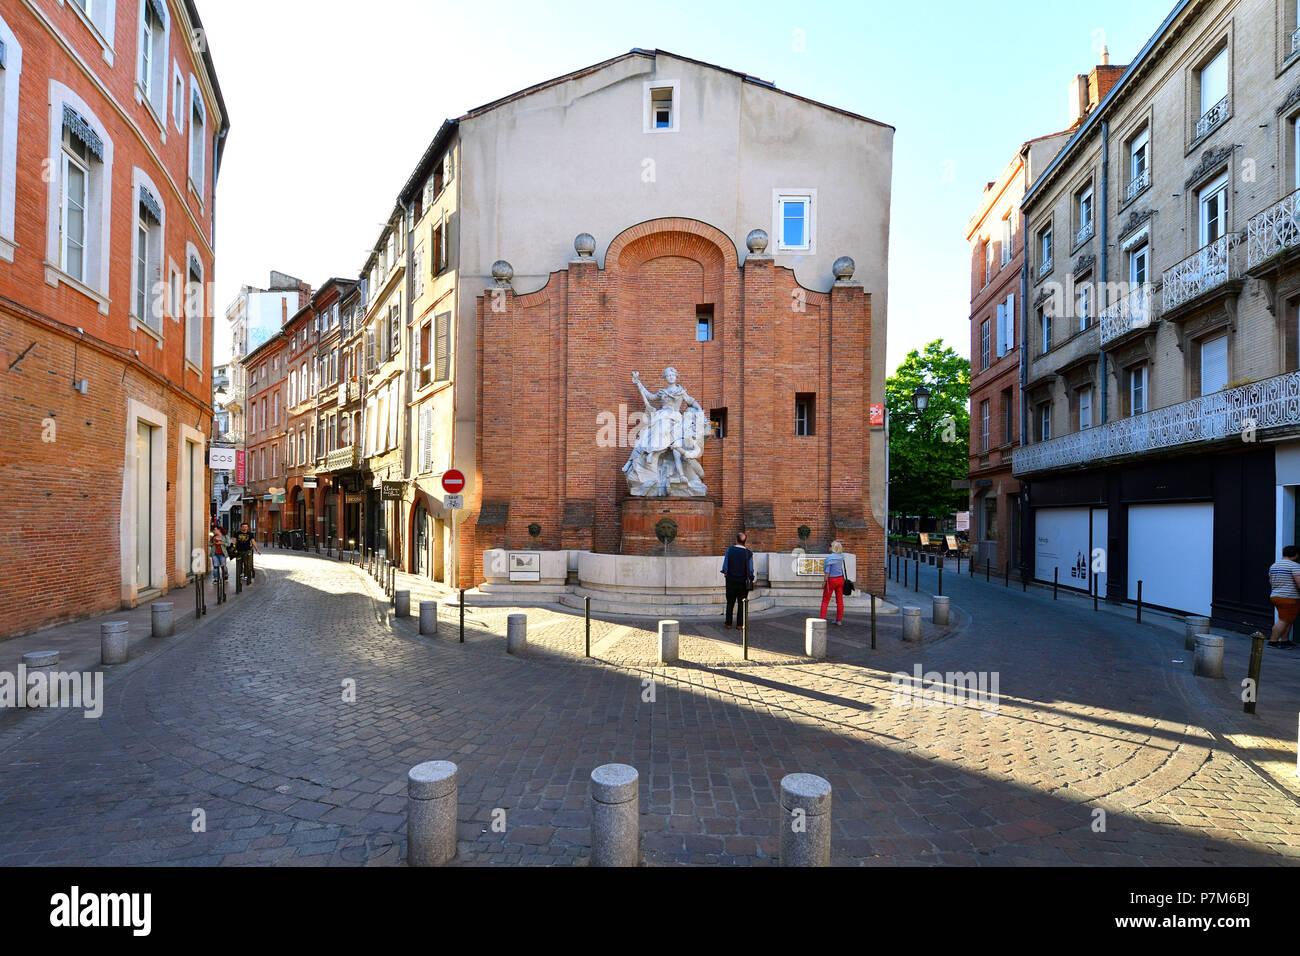 France, Haute Garonne, Toulouse, Saint Georges square, Boulbonne fountain - Stock Image